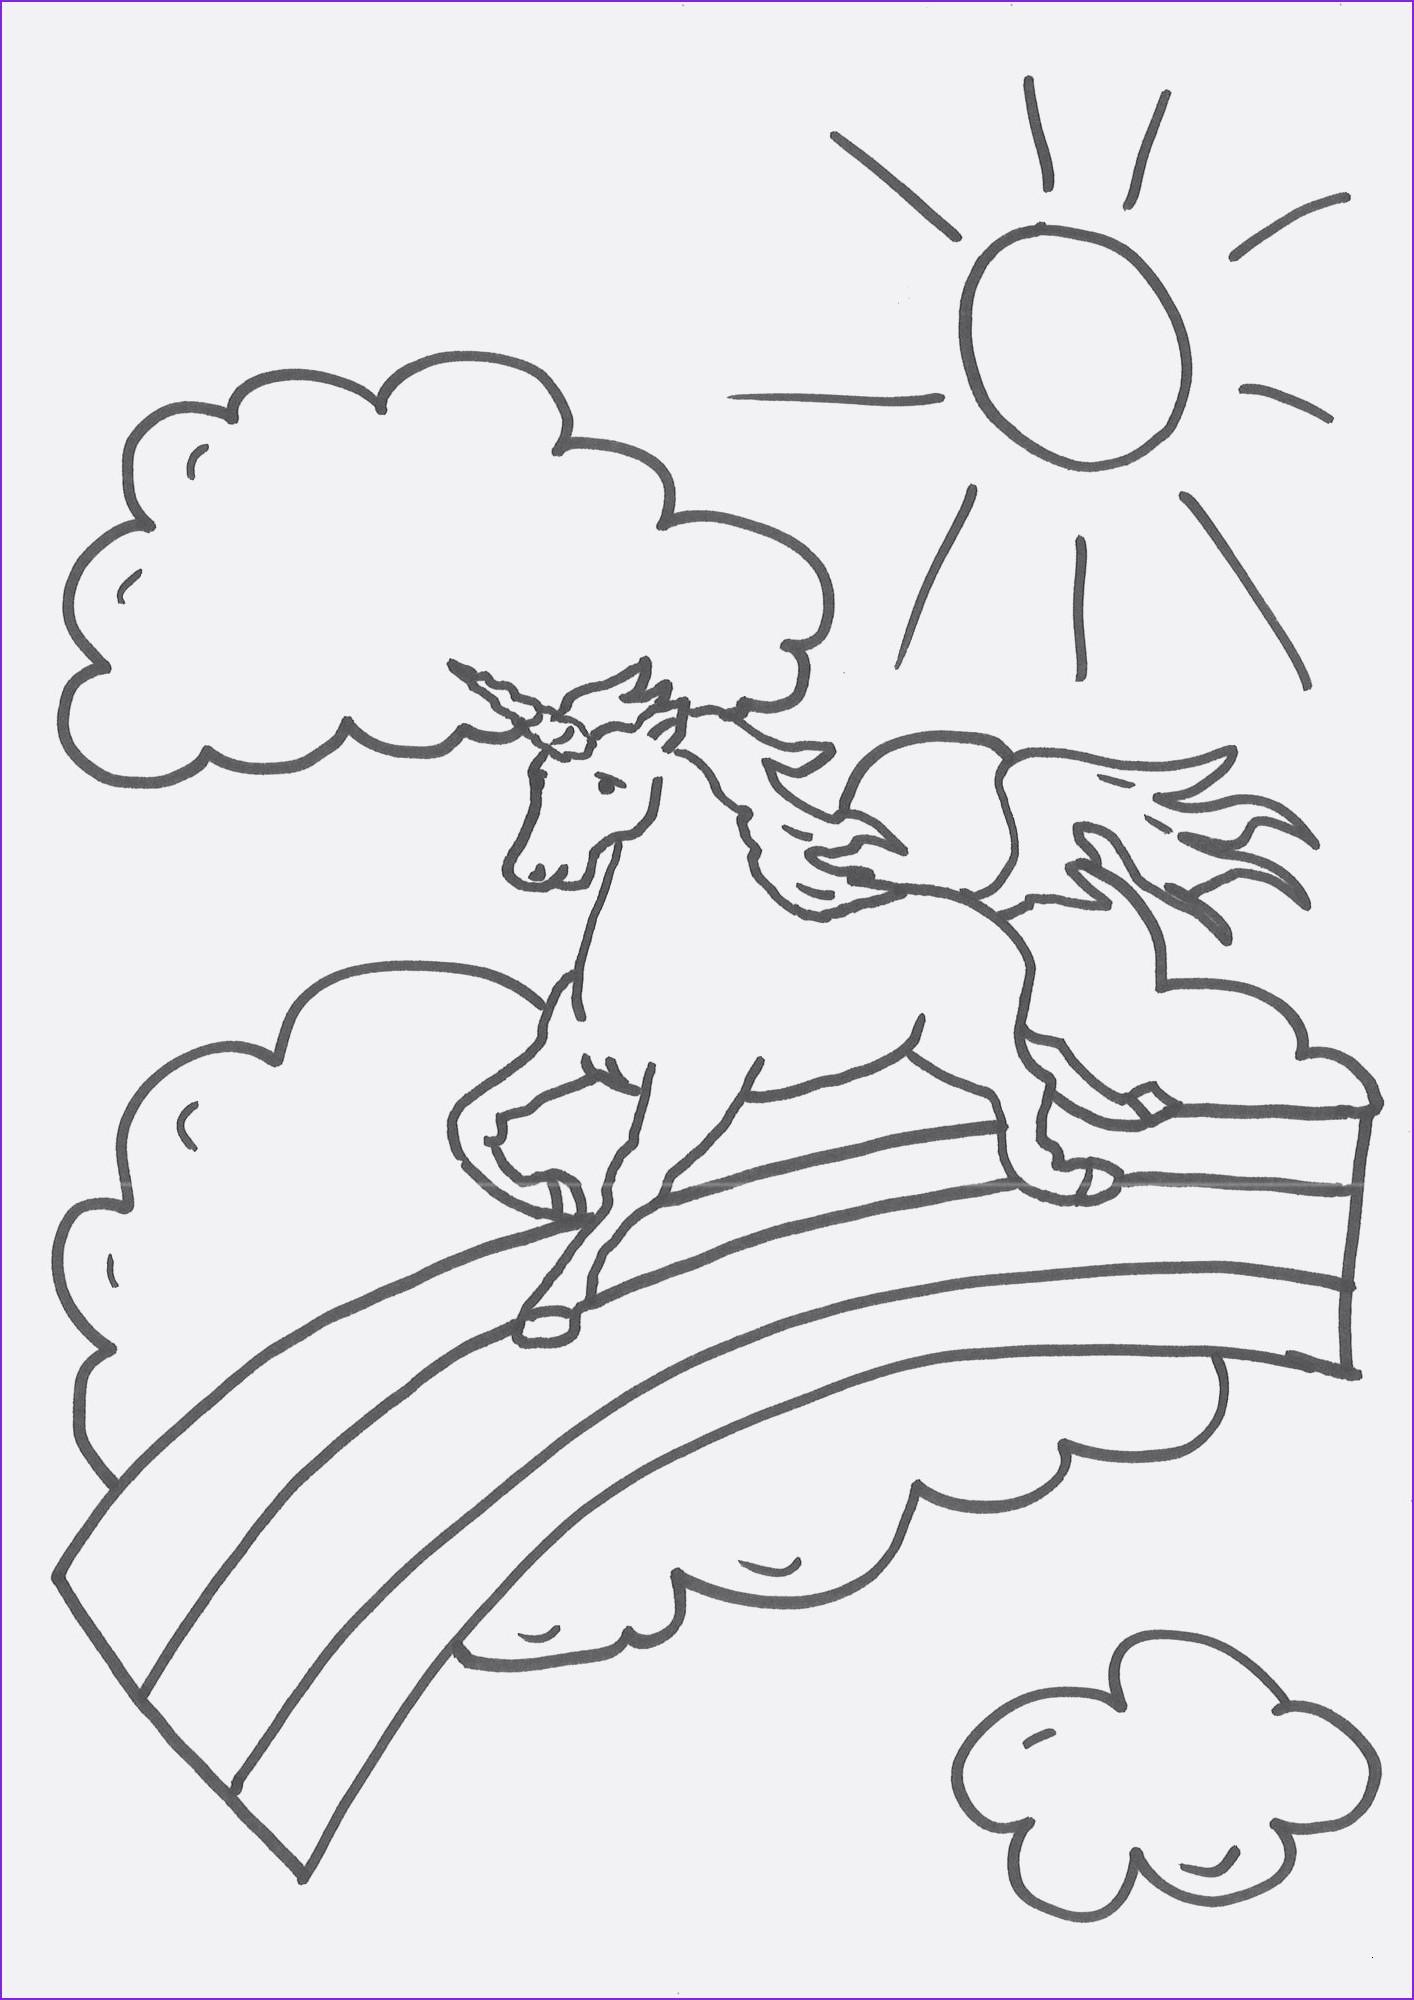 Pferde Ausmalbilder Horseland Einzigartig 26 Fantastisch Horseland Ausmalbilder – Malvorlagen Ideen Das Bild